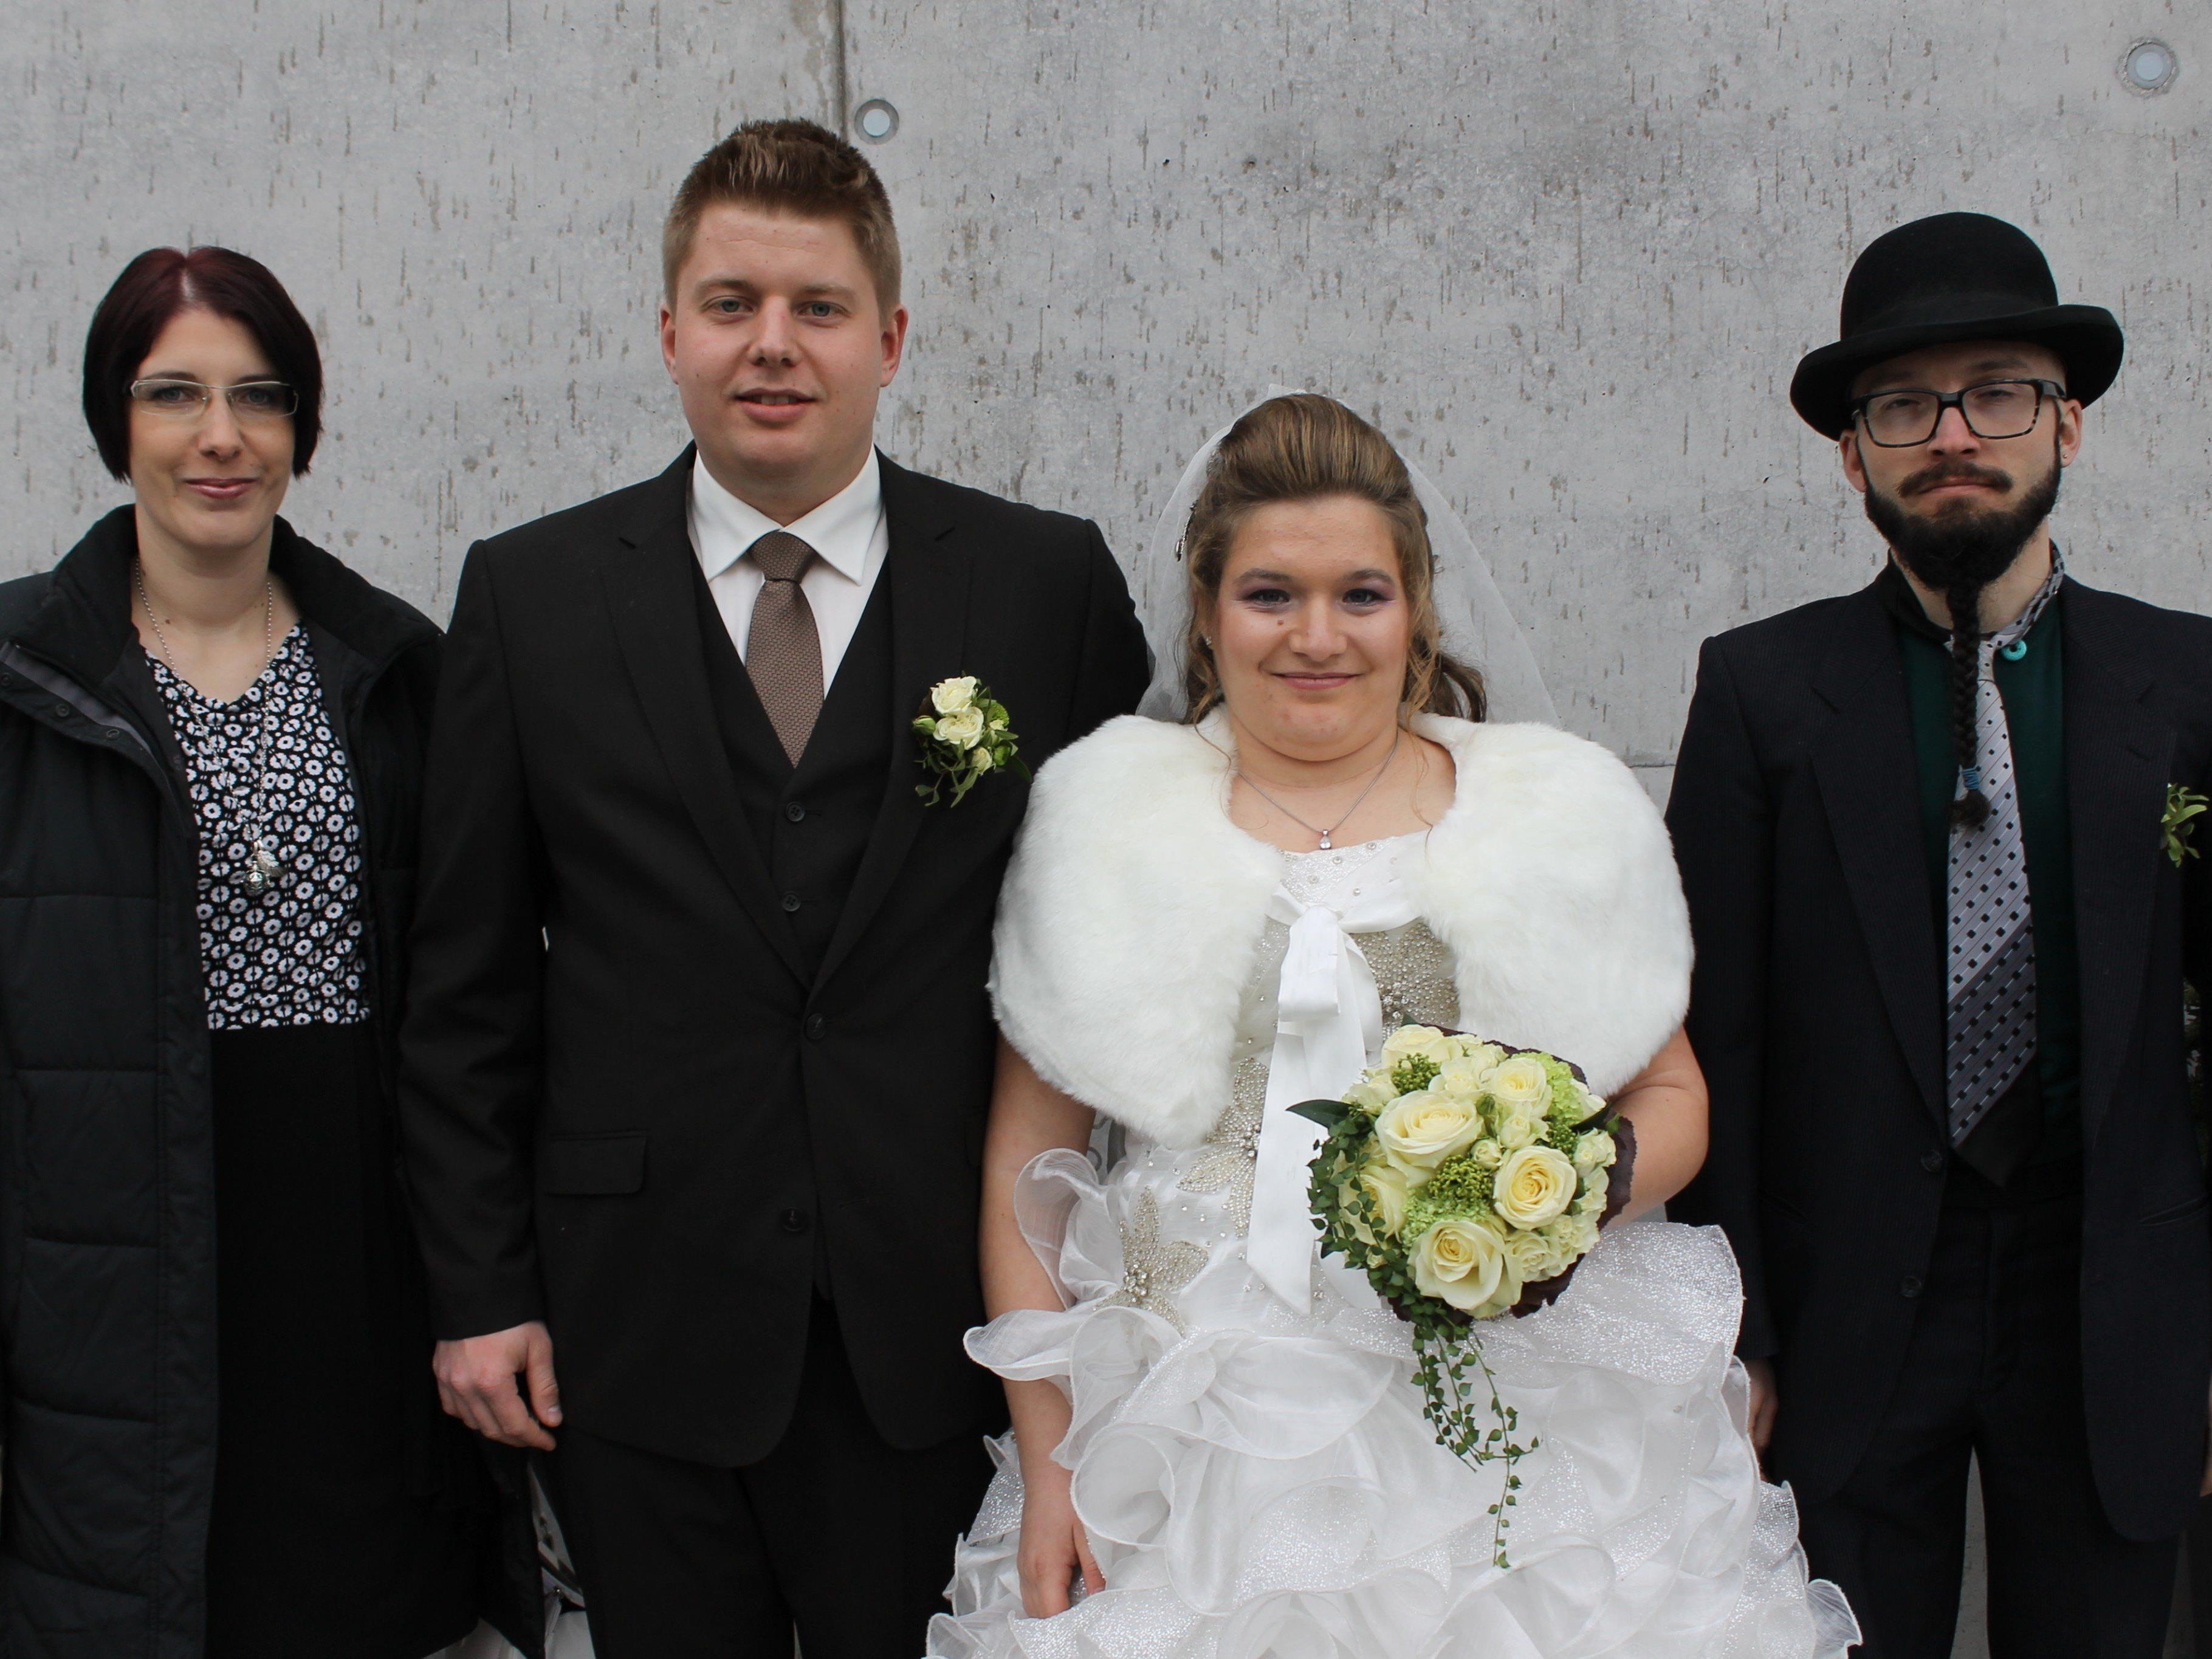 Viktoria Pfeifer und Patrik Tschenett haben in der Pfarrkirche geheiratet